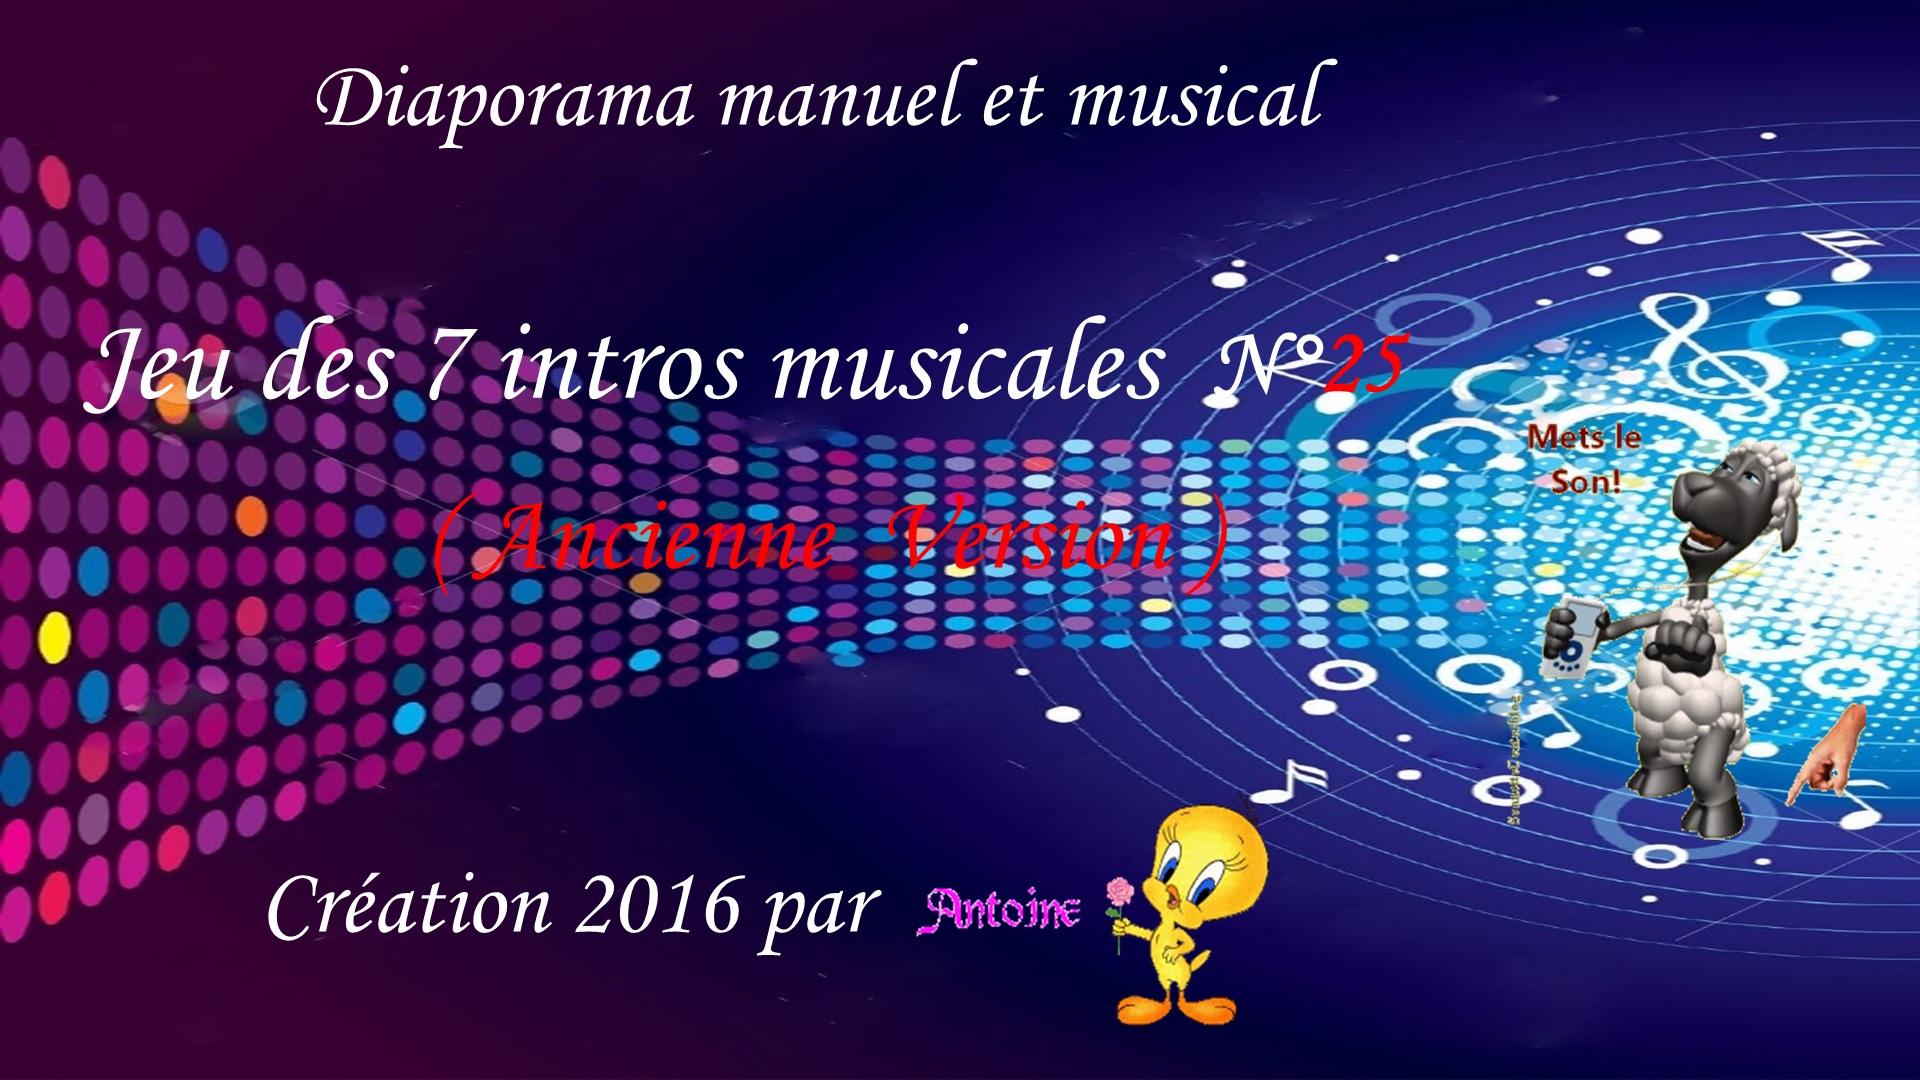 MUSICAUX TÉLÉCHARGER PPS DIAPORAMAS